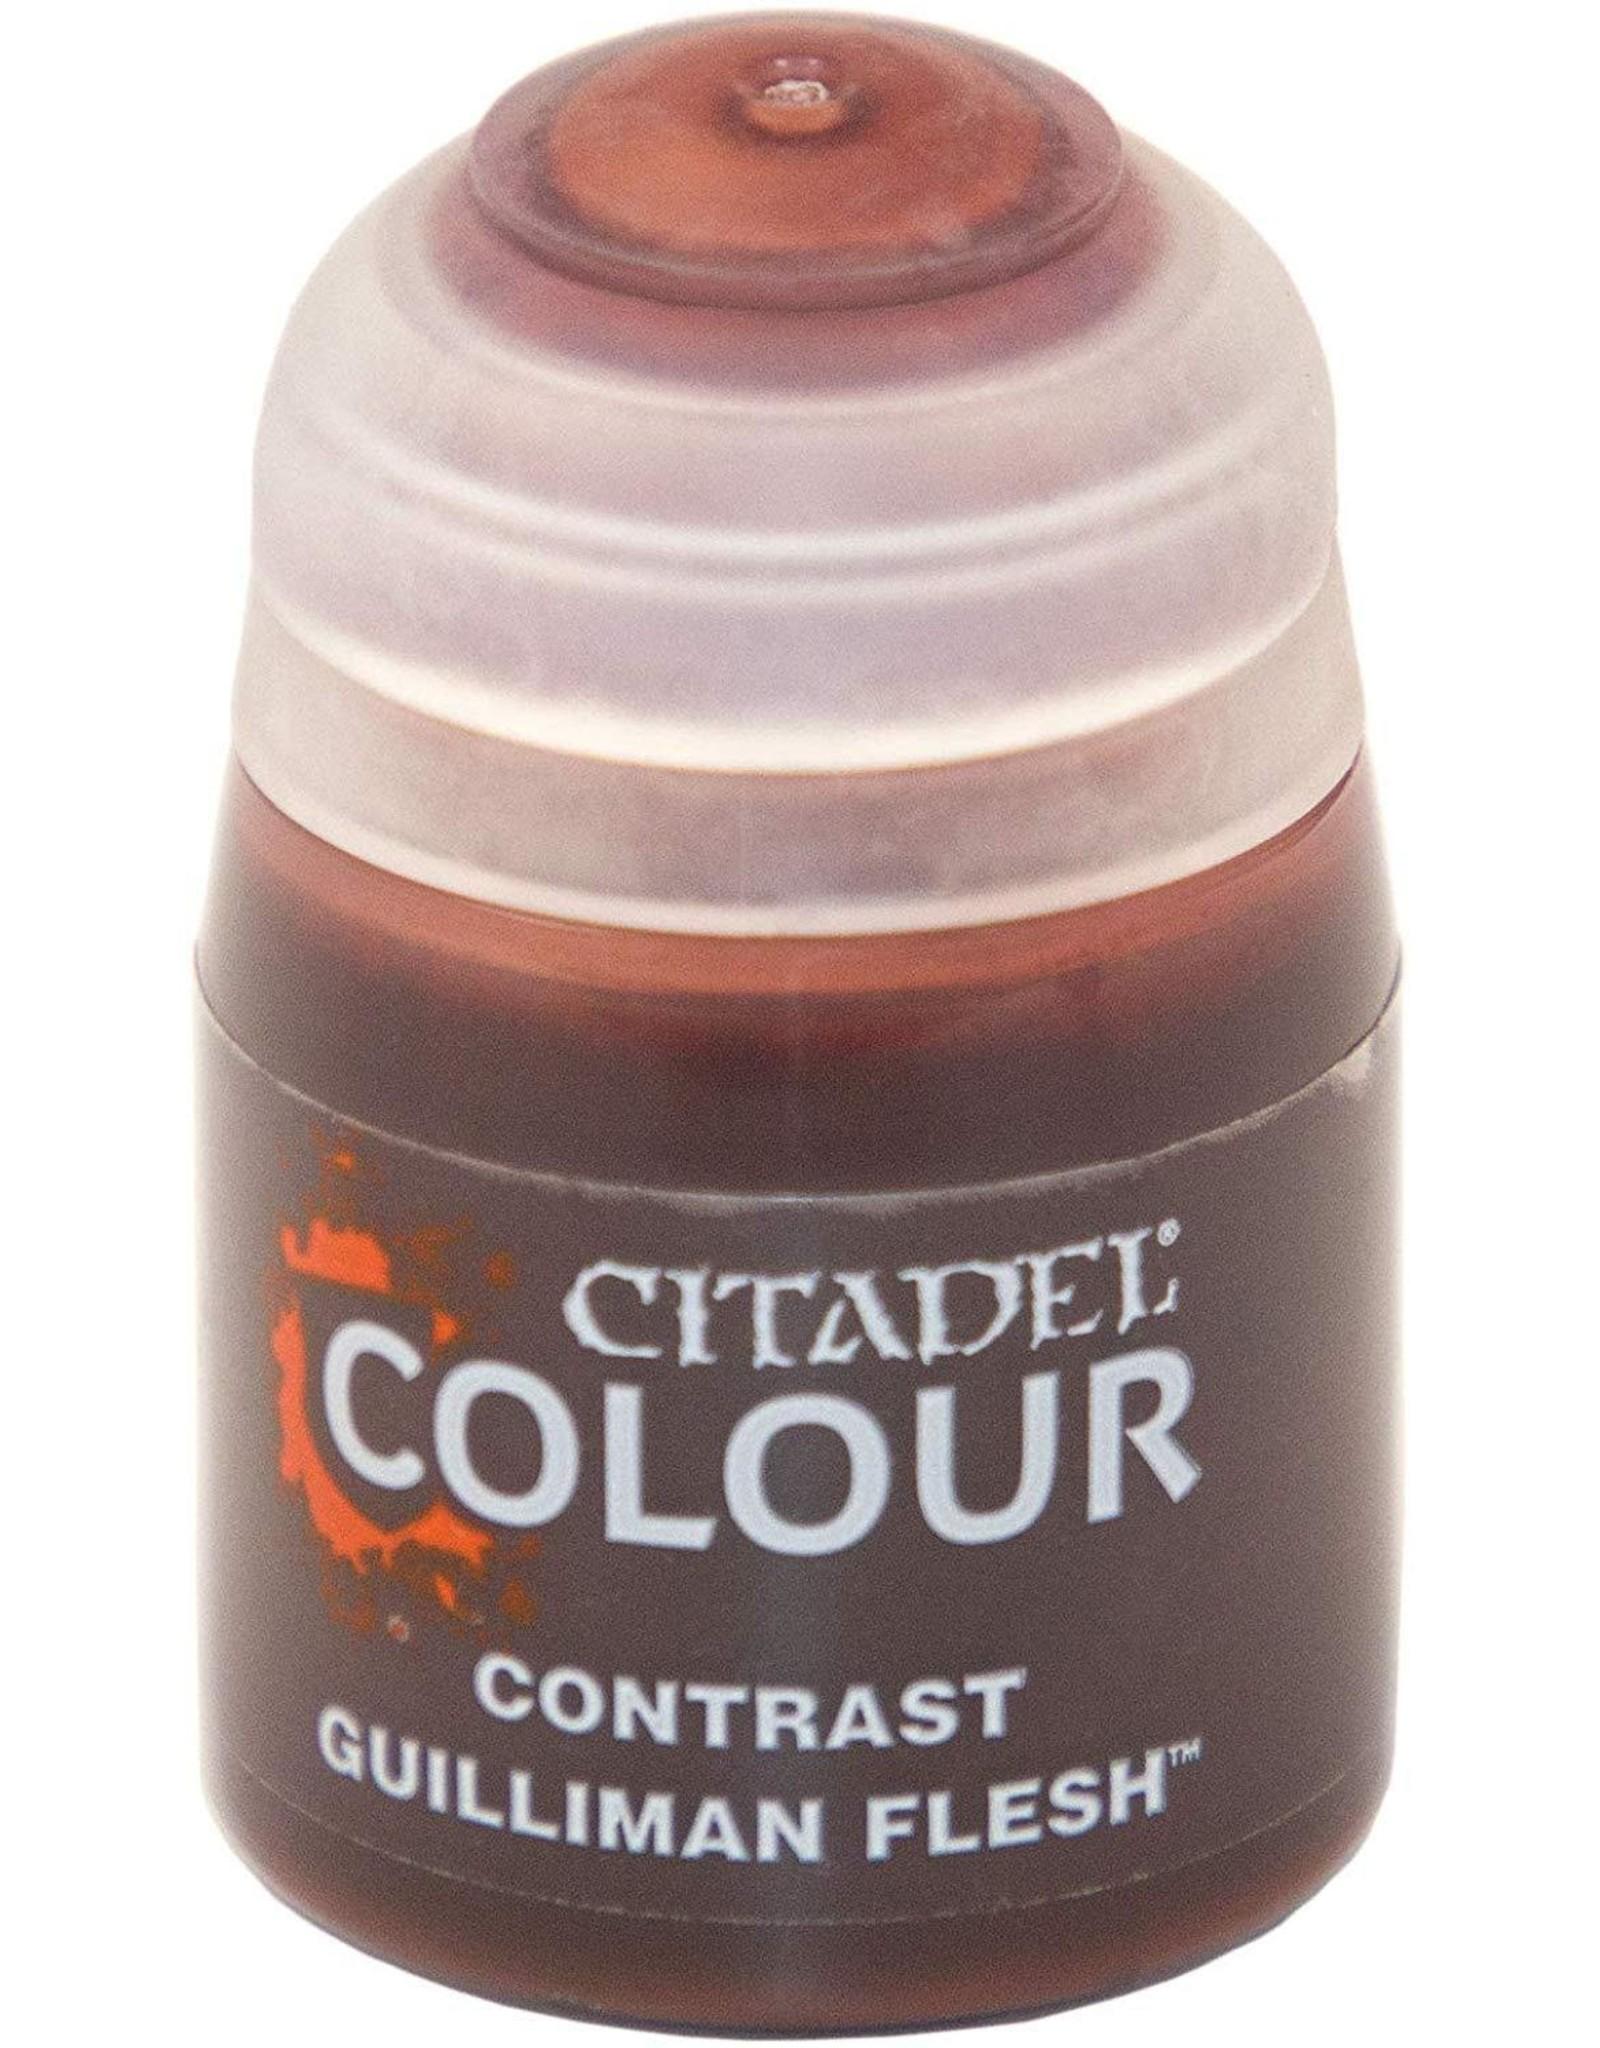 Citadel Paint: Guilliman Flesh Contrast (18 ml)